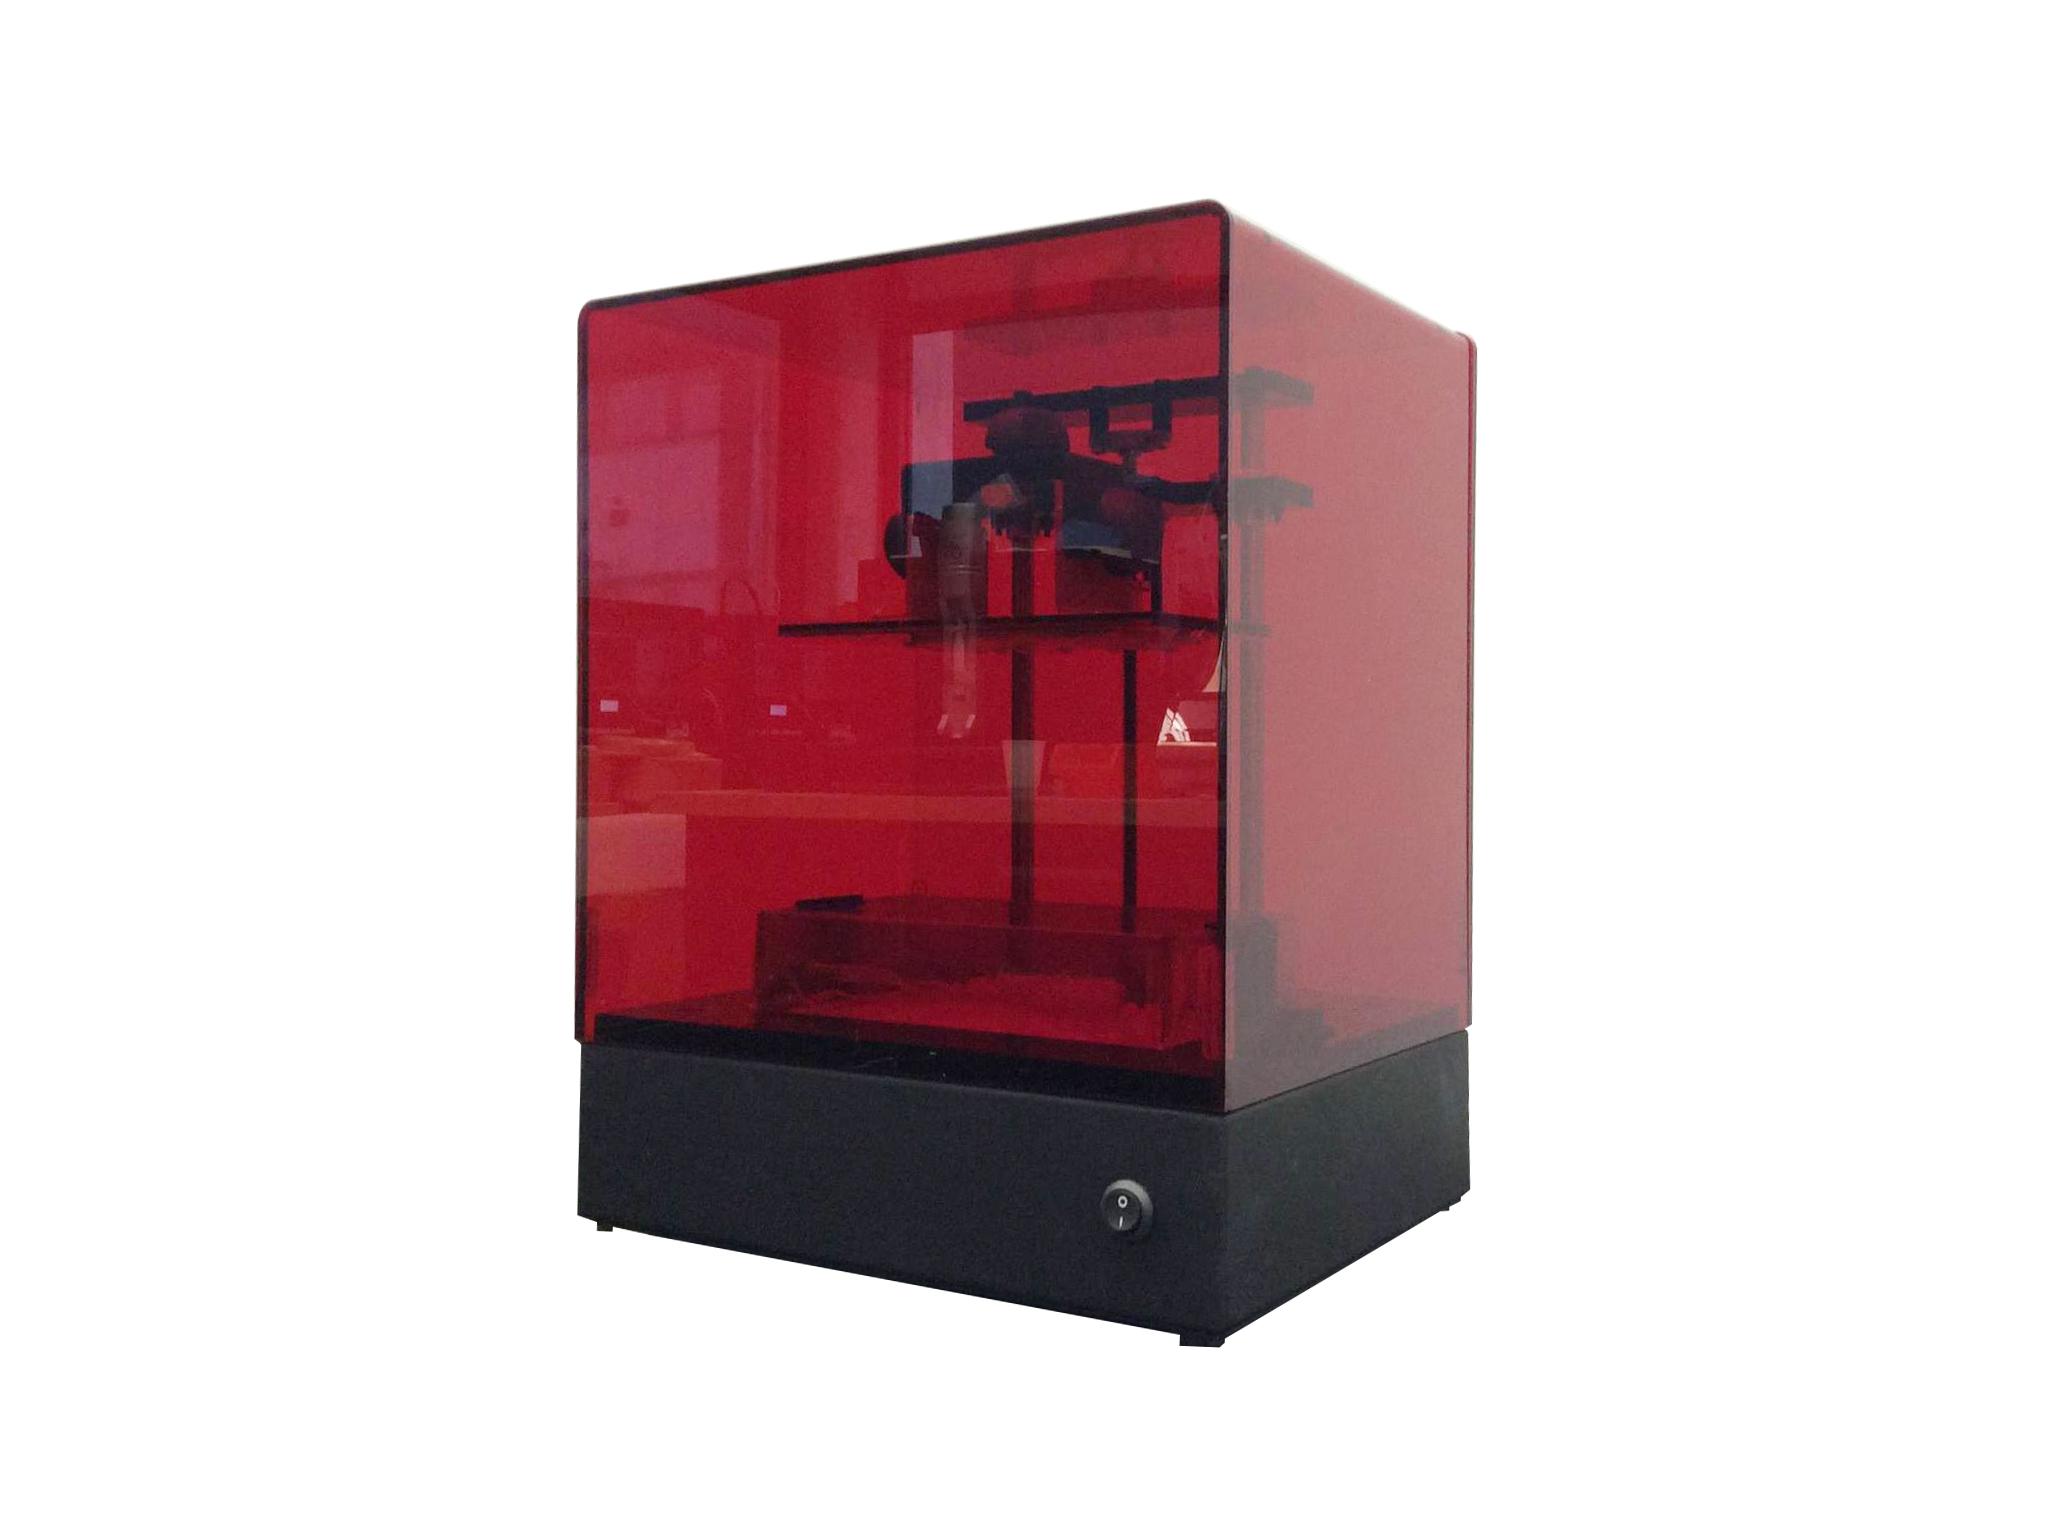 Imprimante Liquid crystal � boutique en ligne imprimante 3d Liquid crystal � machines-3d